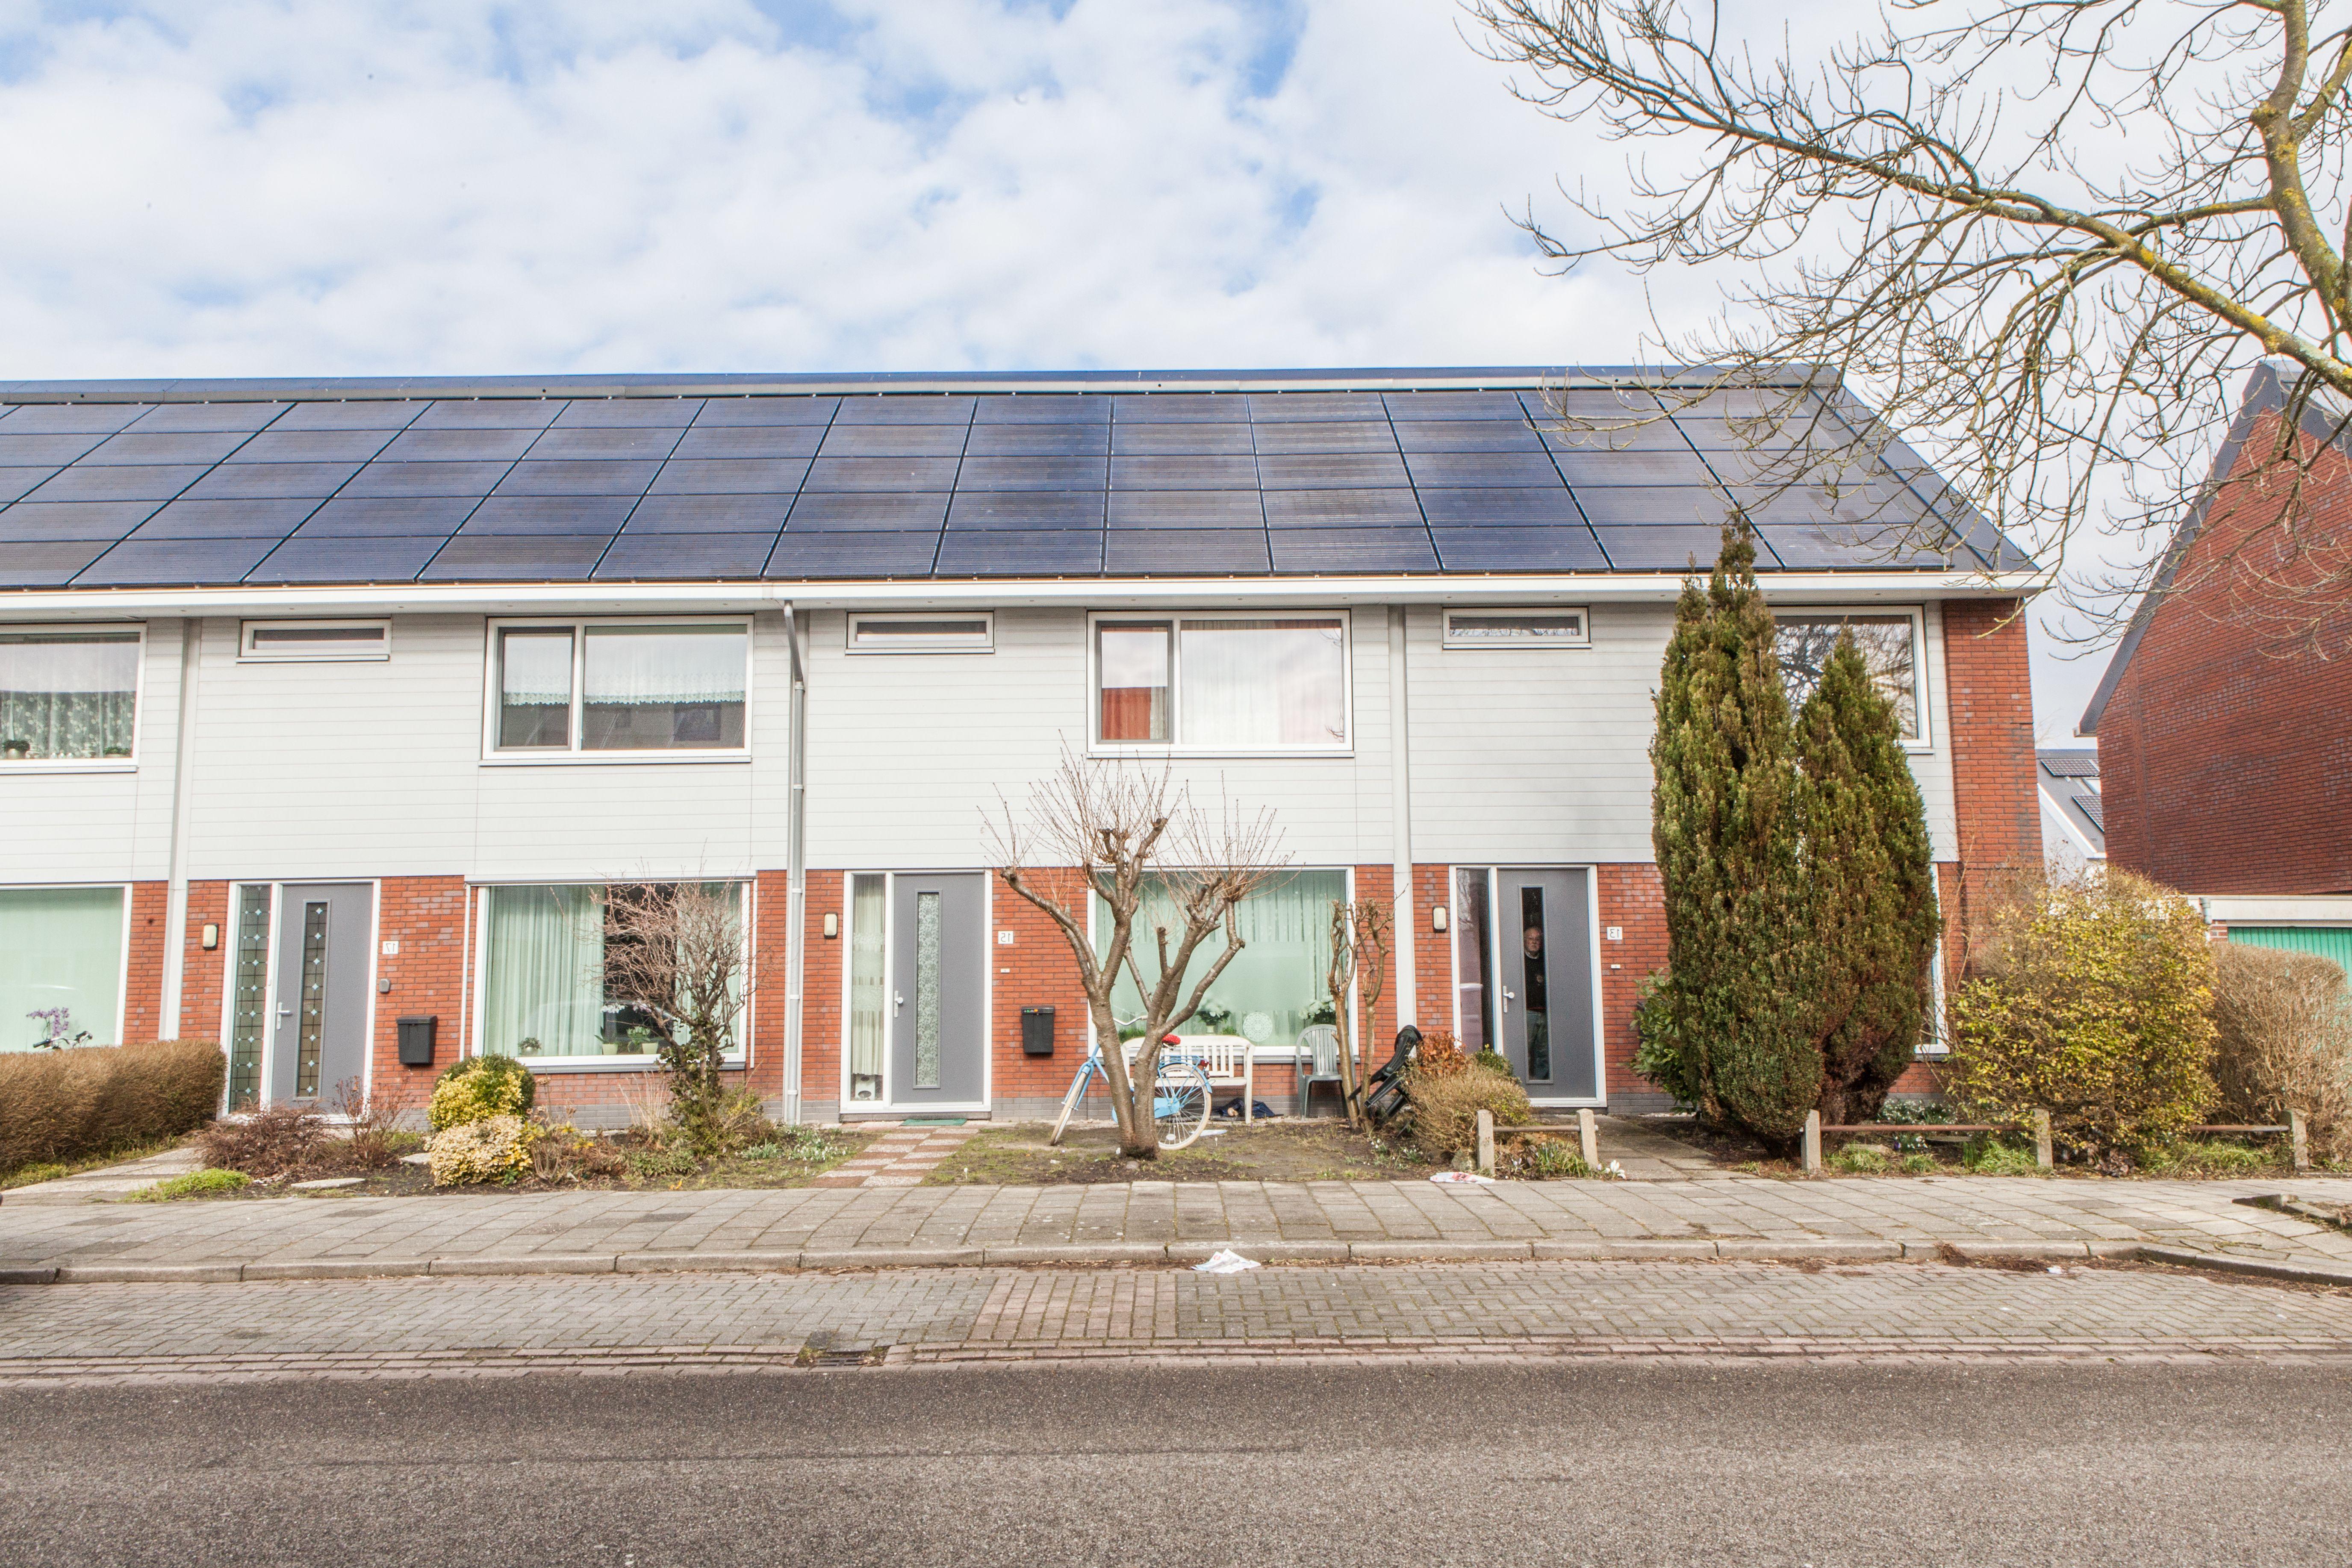 Afbeelding Jouw woning stapsgewijs energiezuinig, comfortabel en aardgasvrij